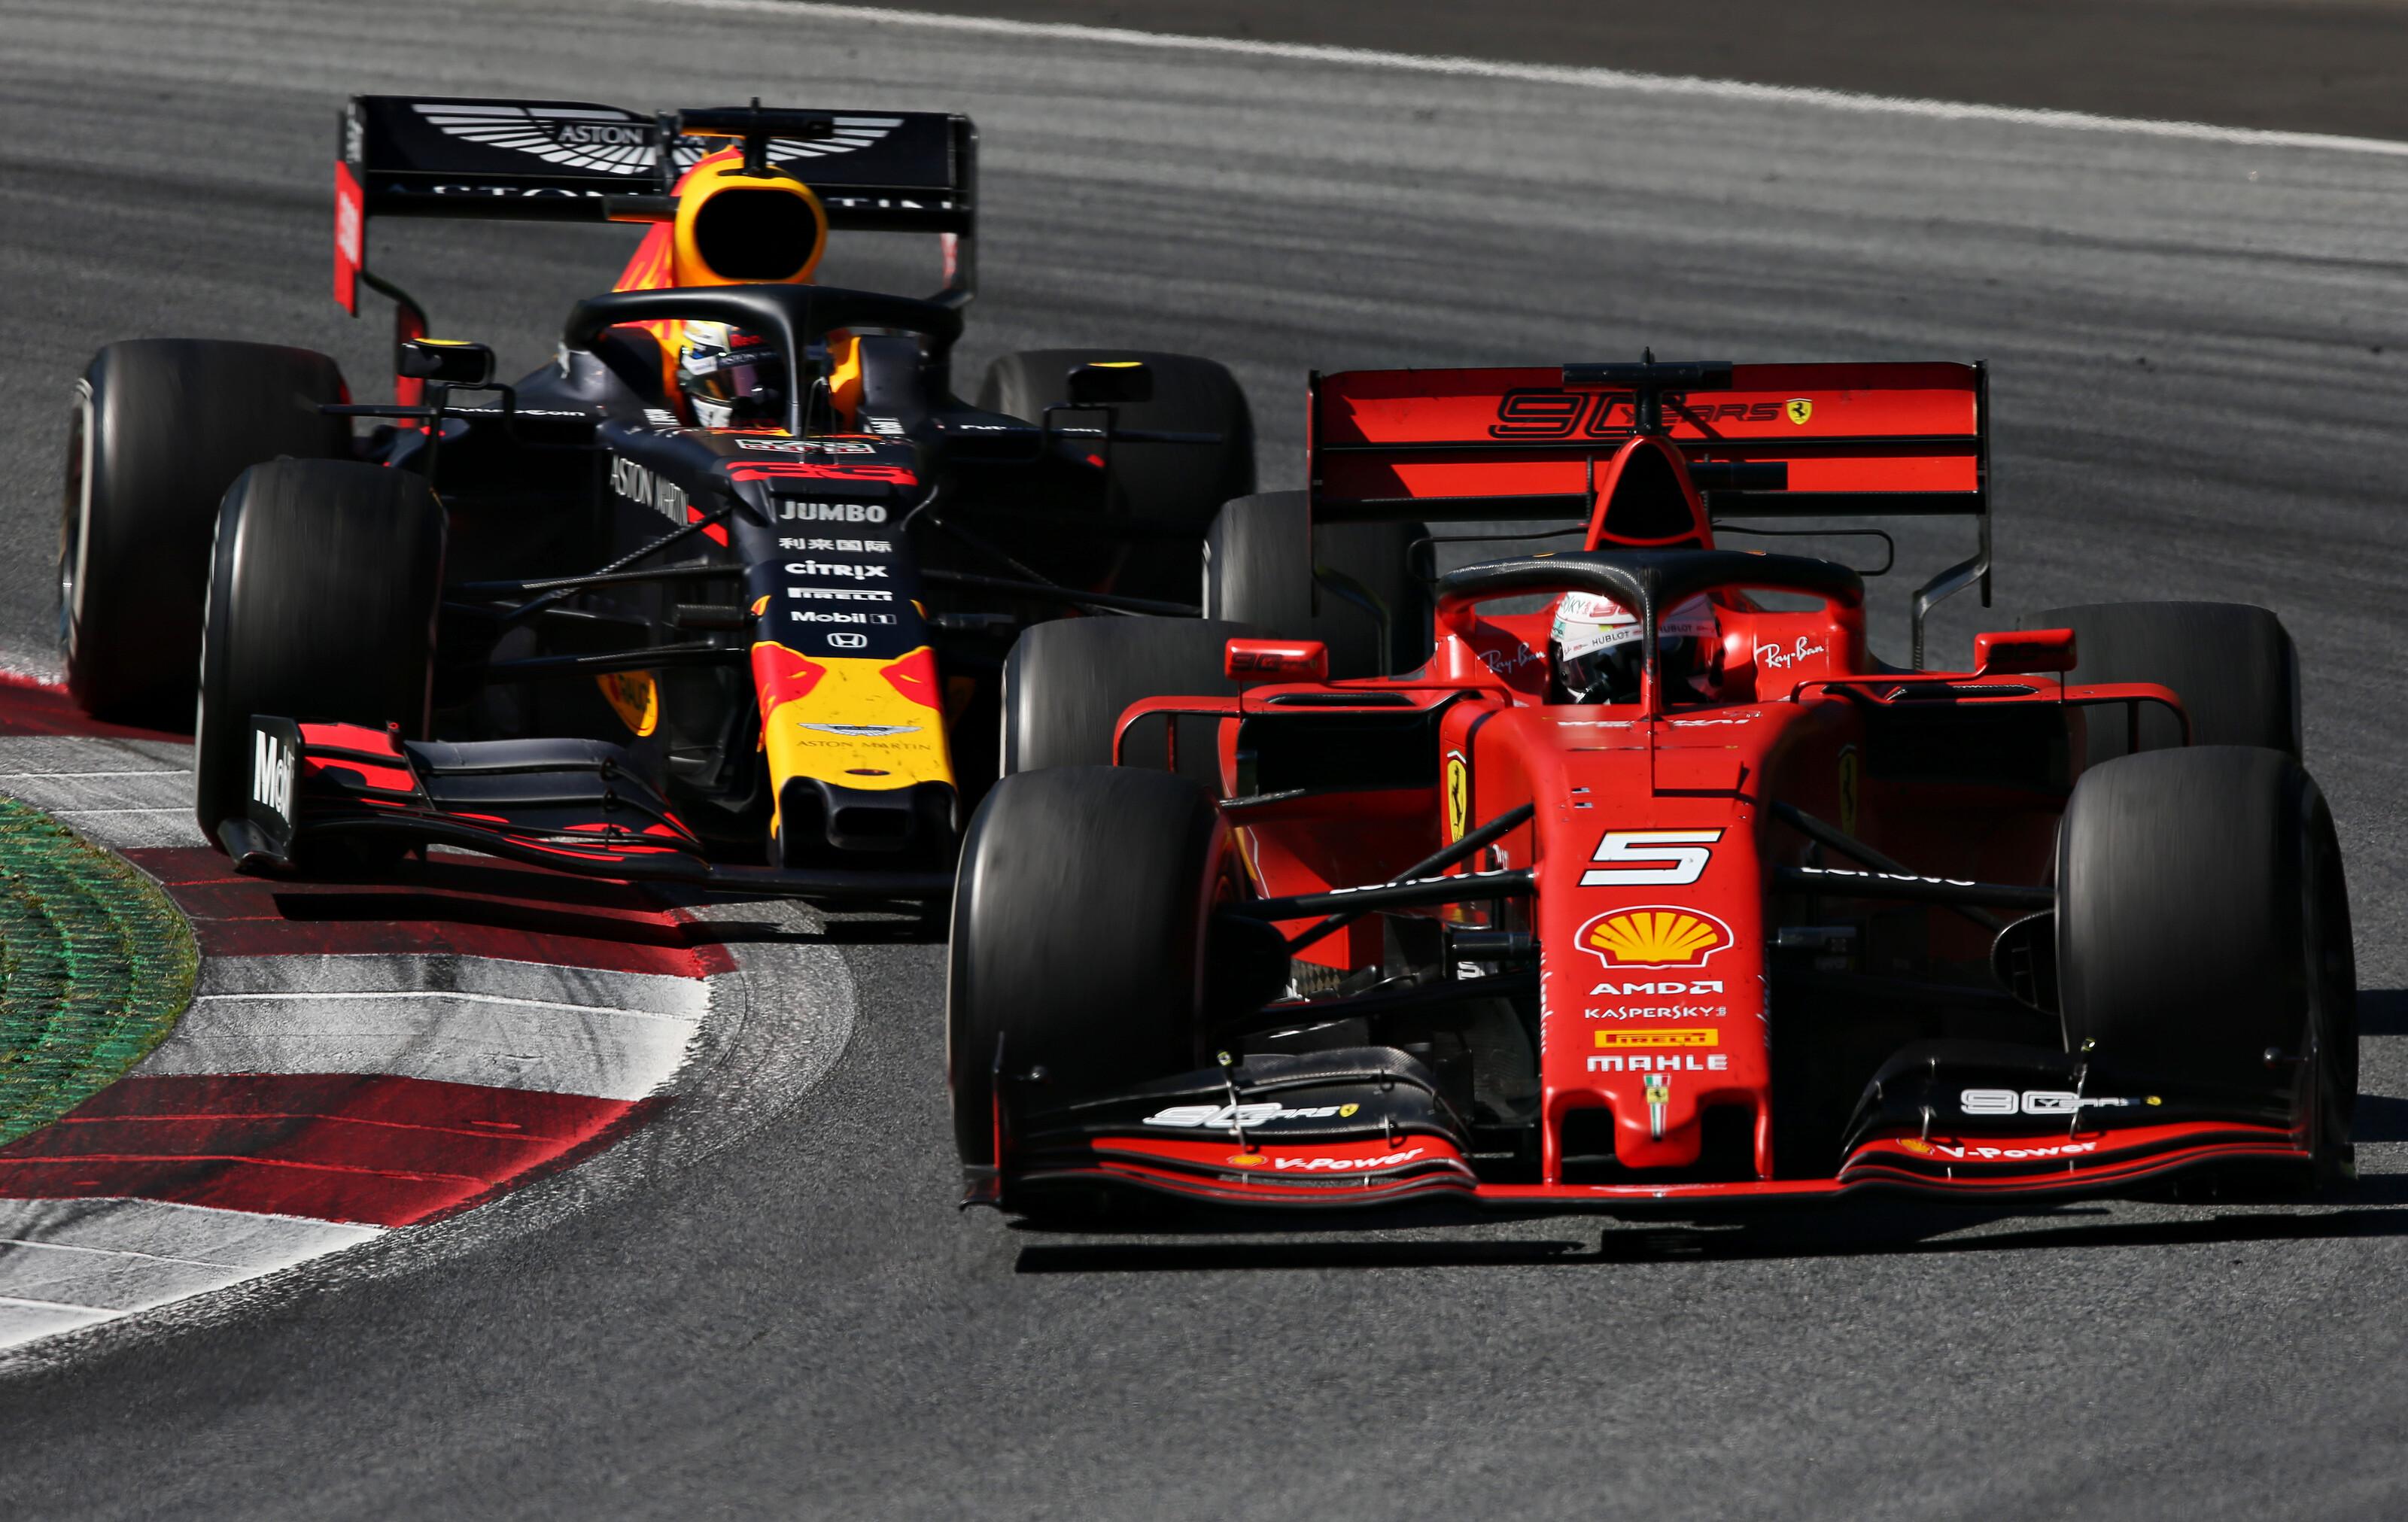 Körvonalazódik az új F1-es naptár, csúsztatják a Magyar Nagydíjat